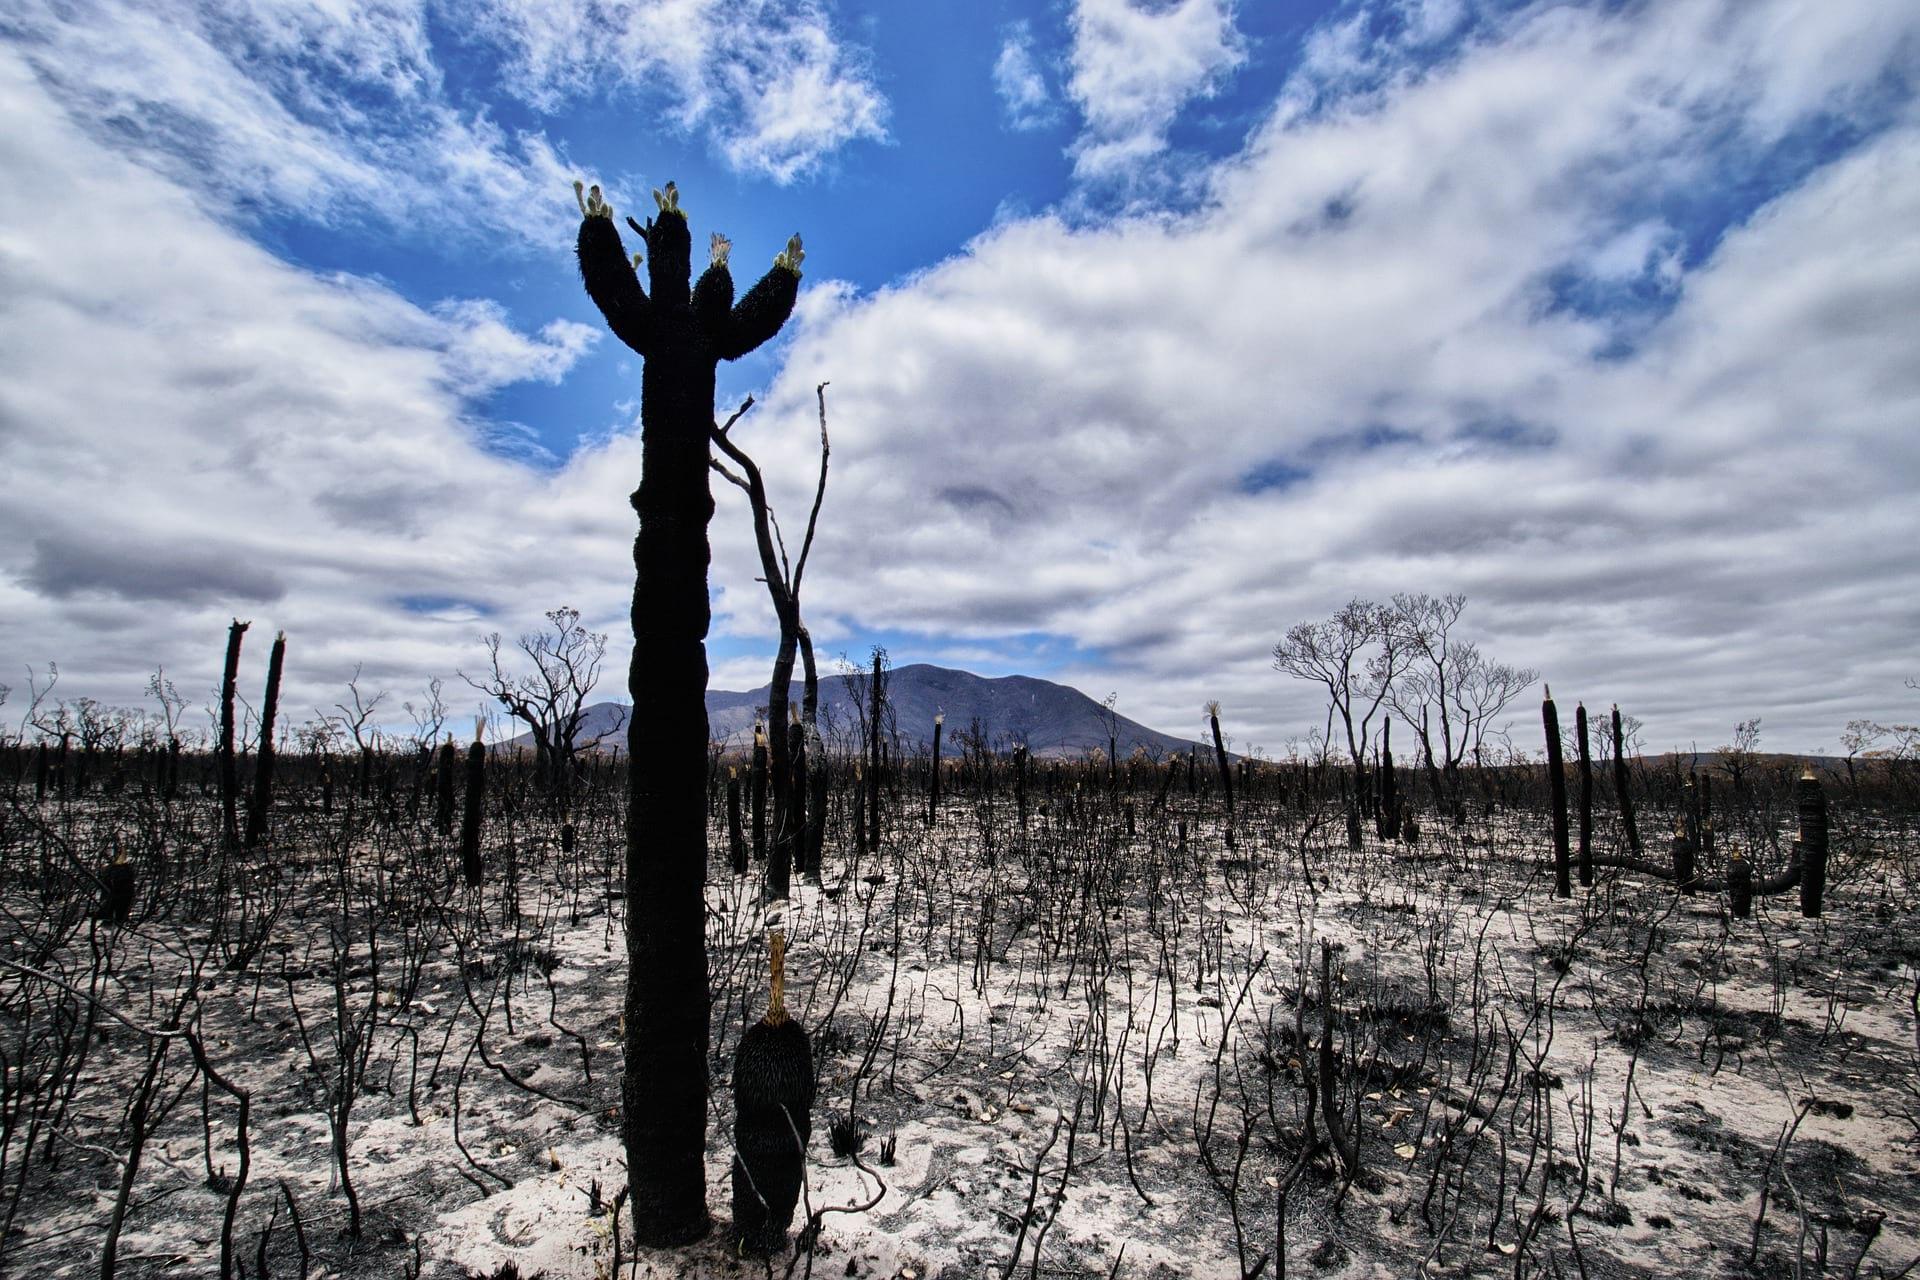 A bushfire-razed piece of land in the Australian countryside